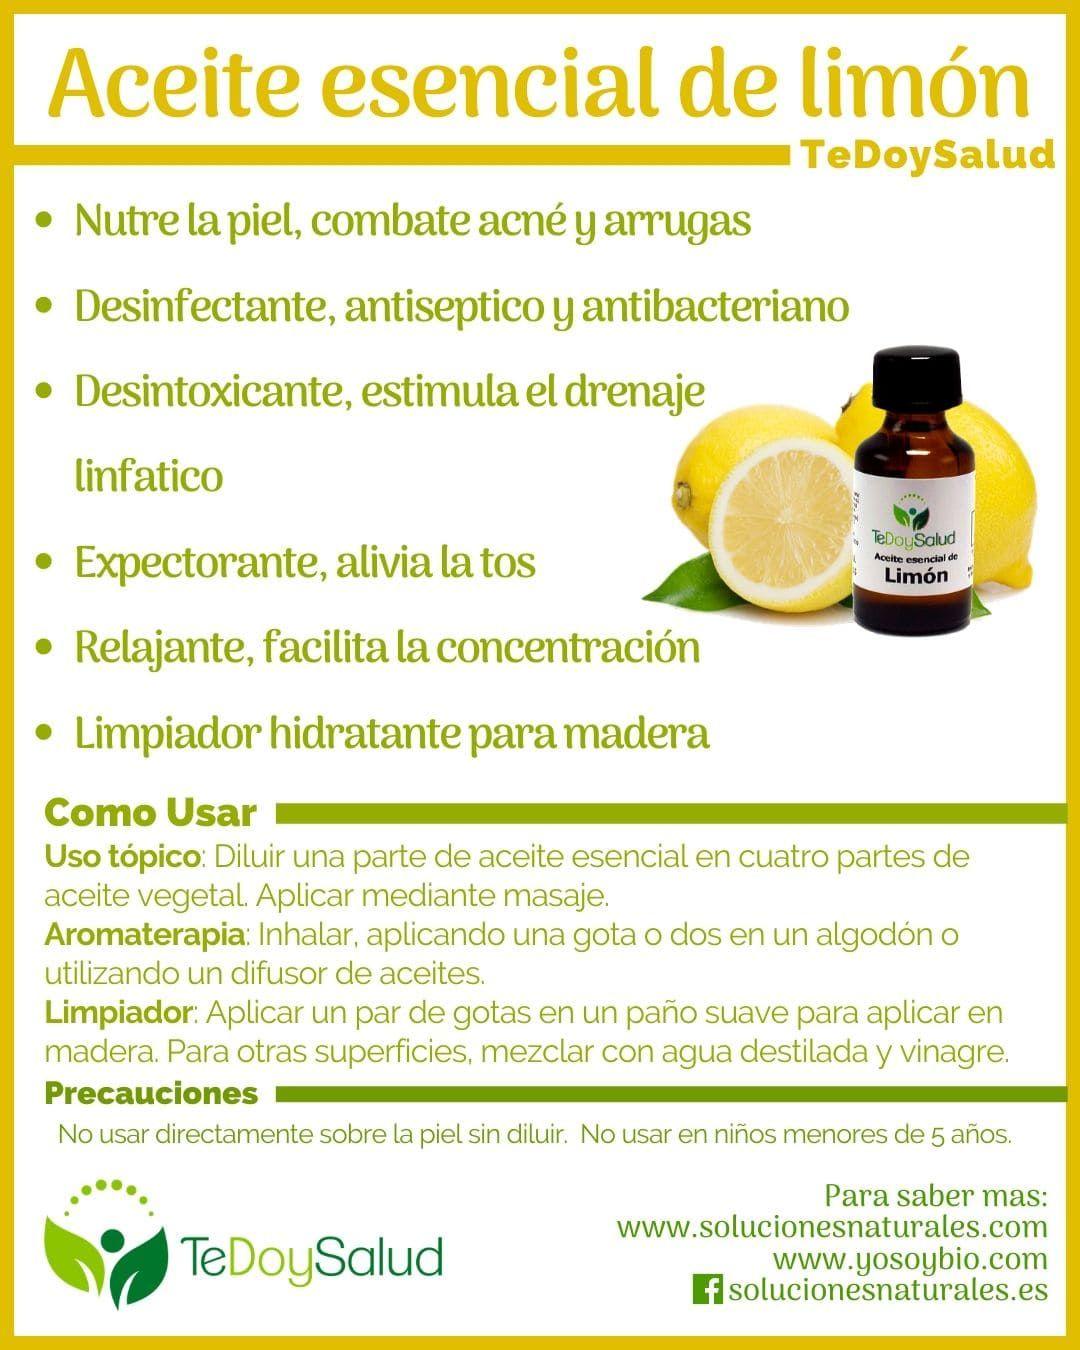 Aceite Esencial De Limón Beneficios Aceites Esenciales De Limón Aceite Guía De Aceites Esenciales